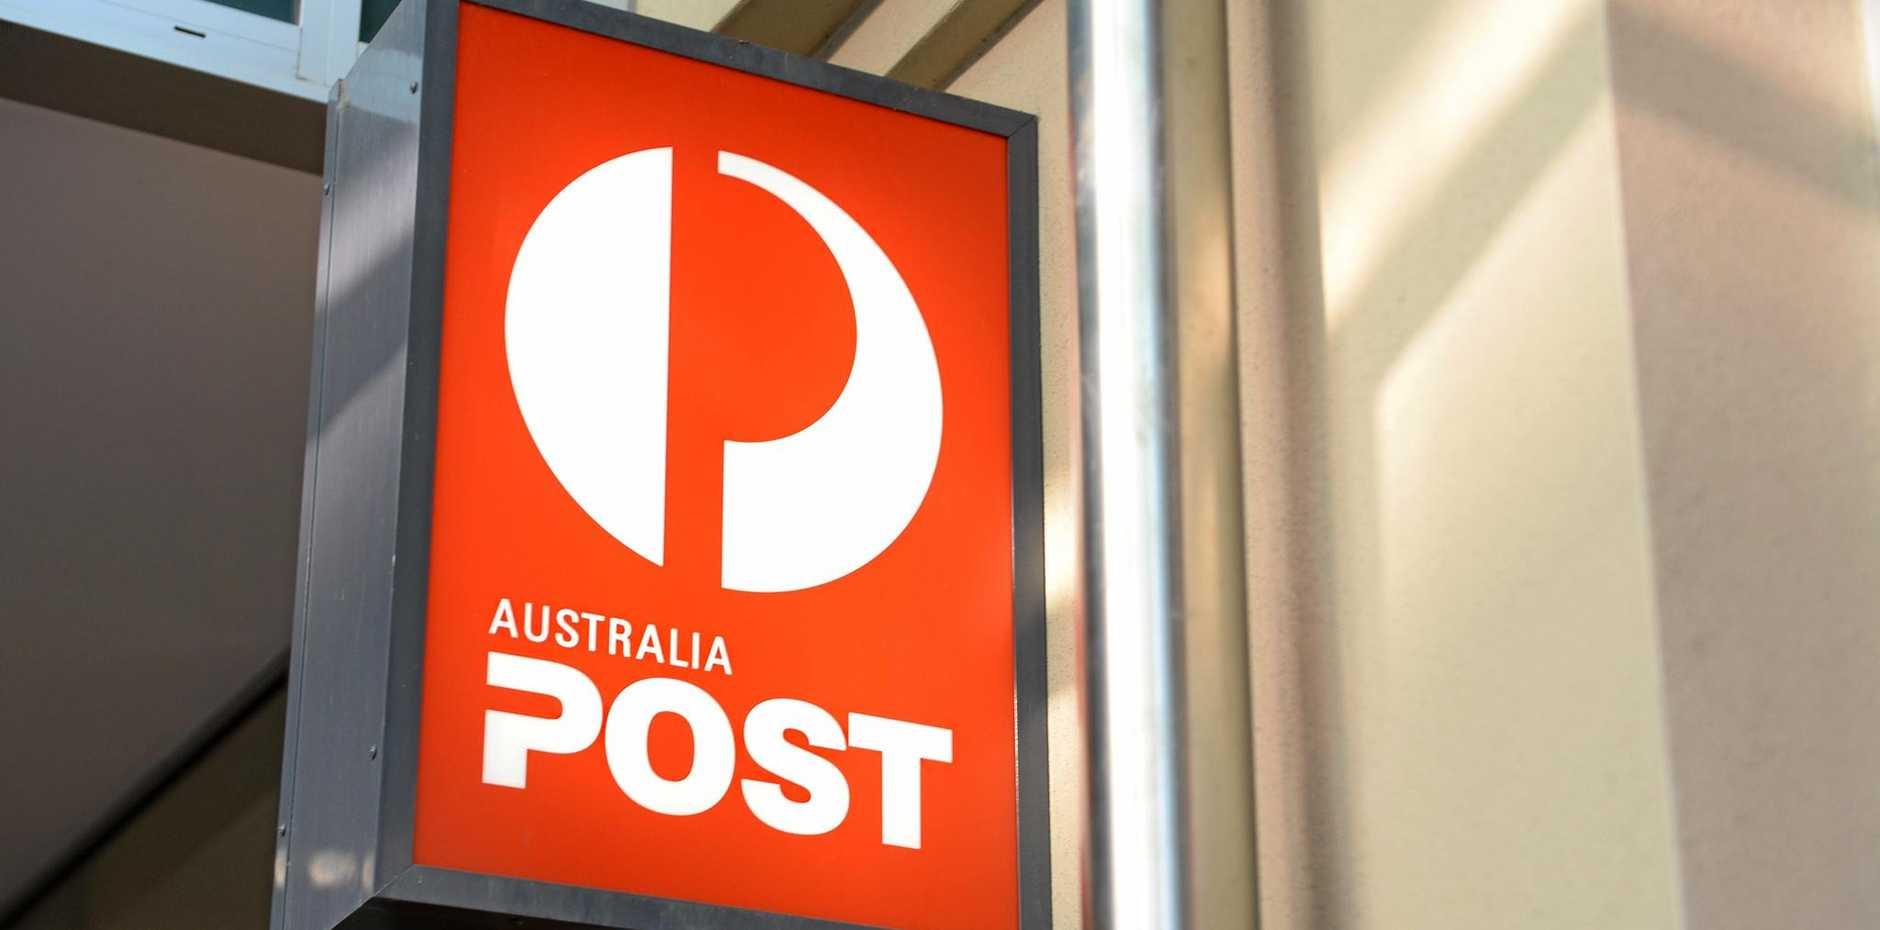 Australia Post.